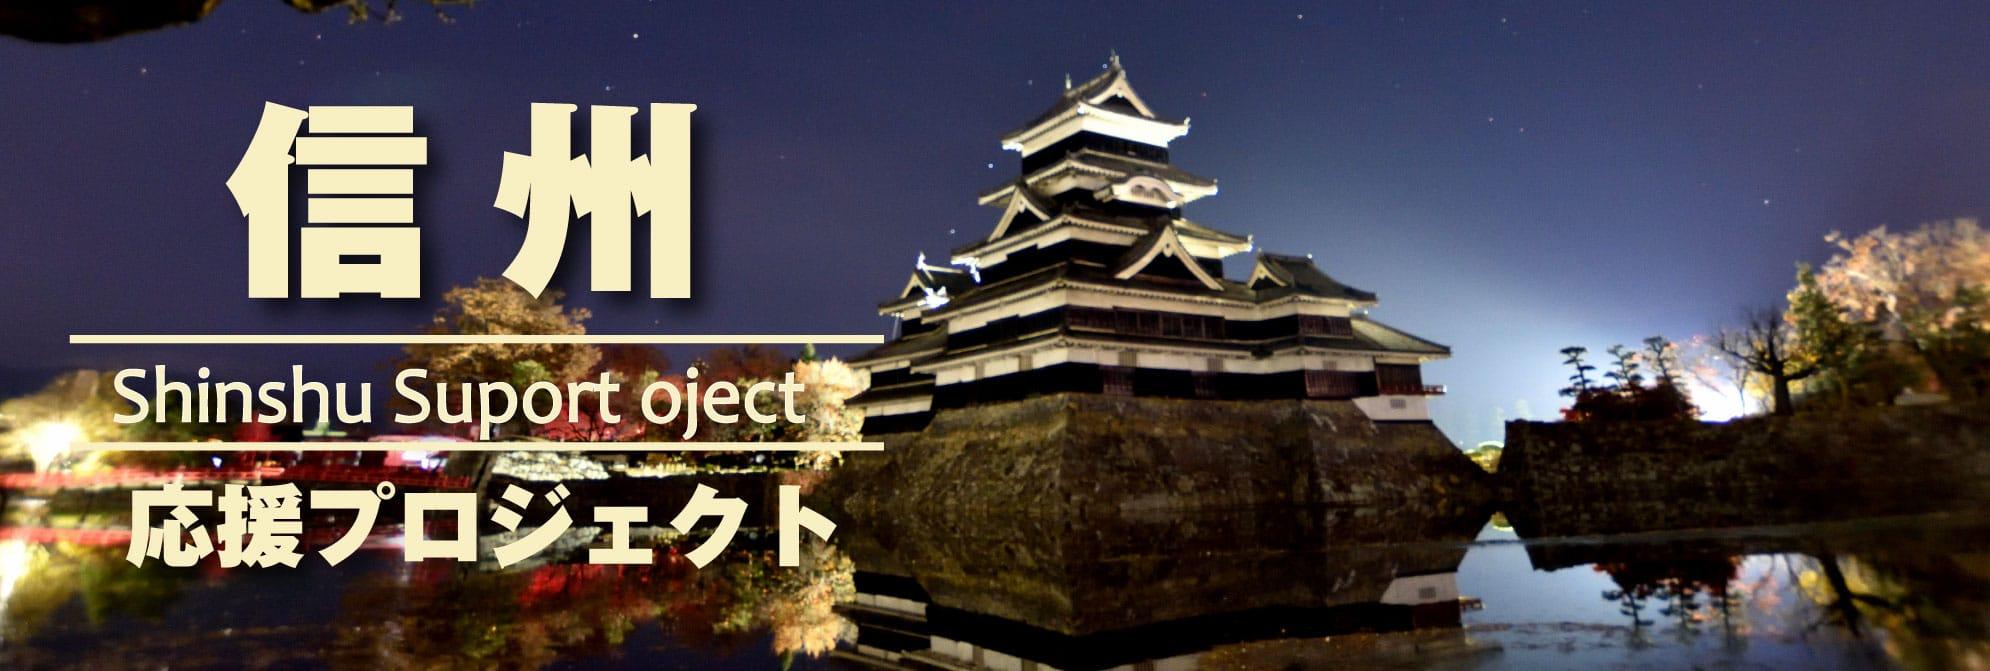 信州応援プロジェクト